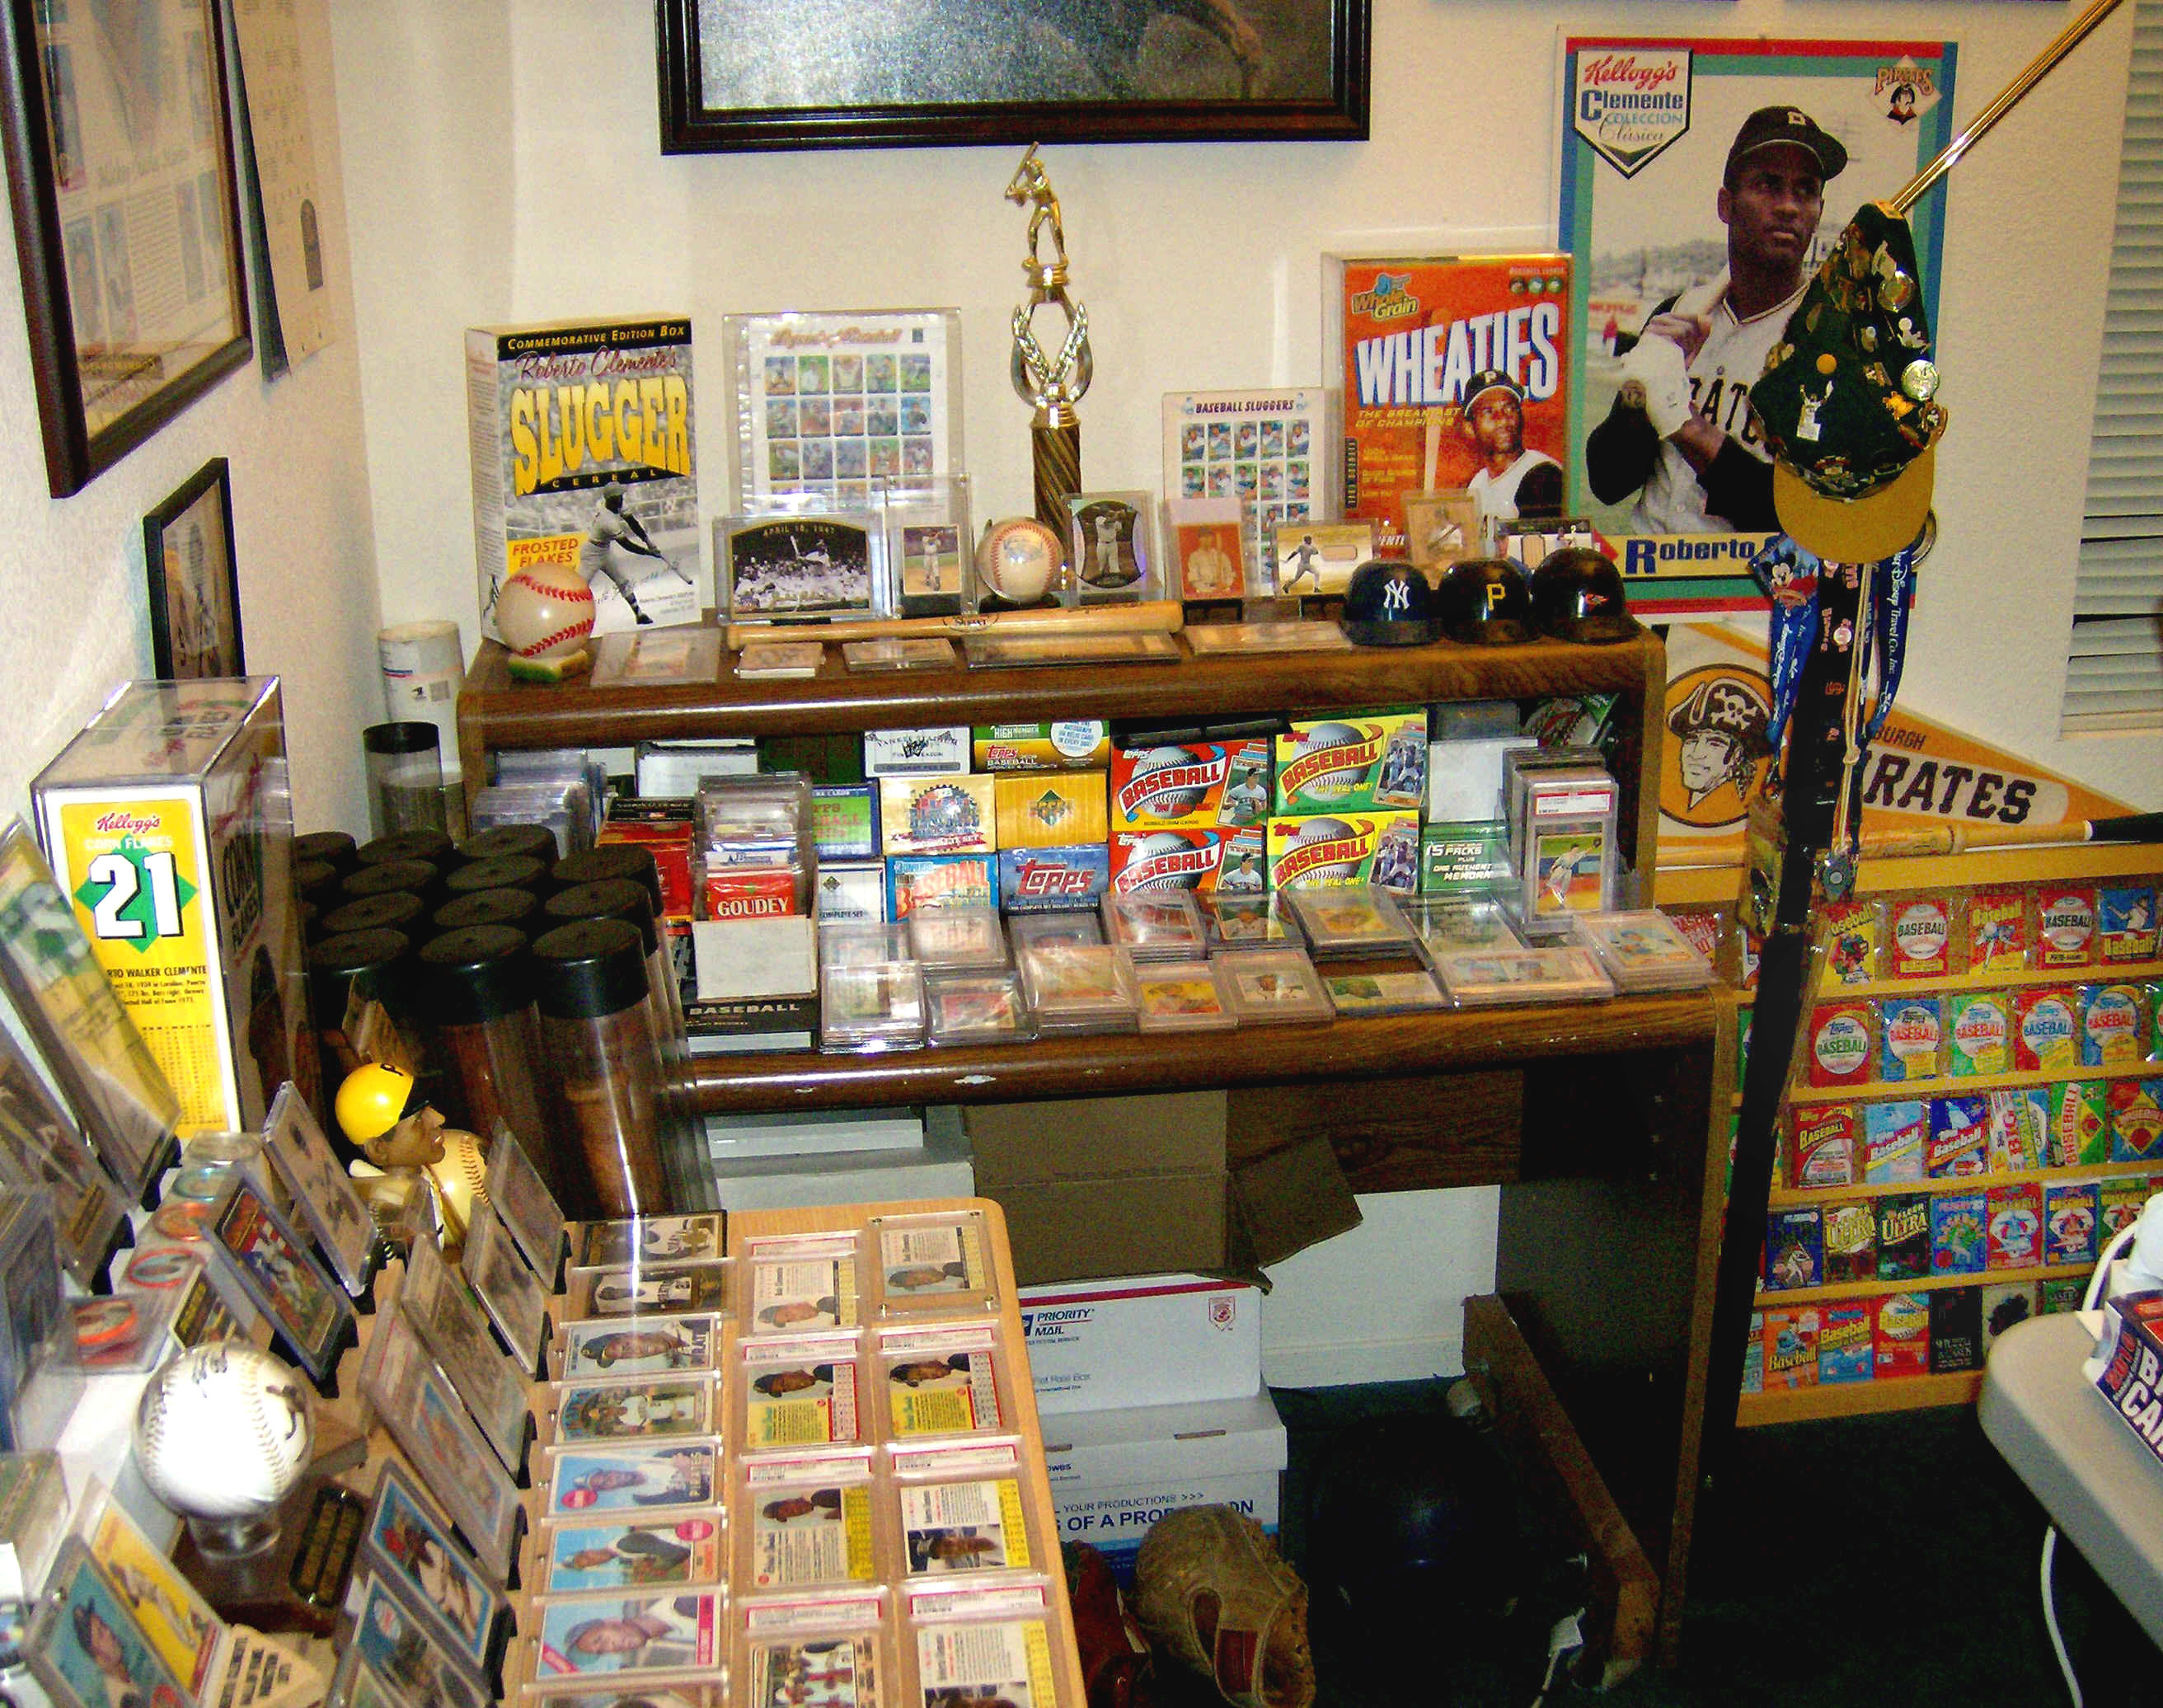 Roberto Clemente Baseball Cards Collectores Showcase Room